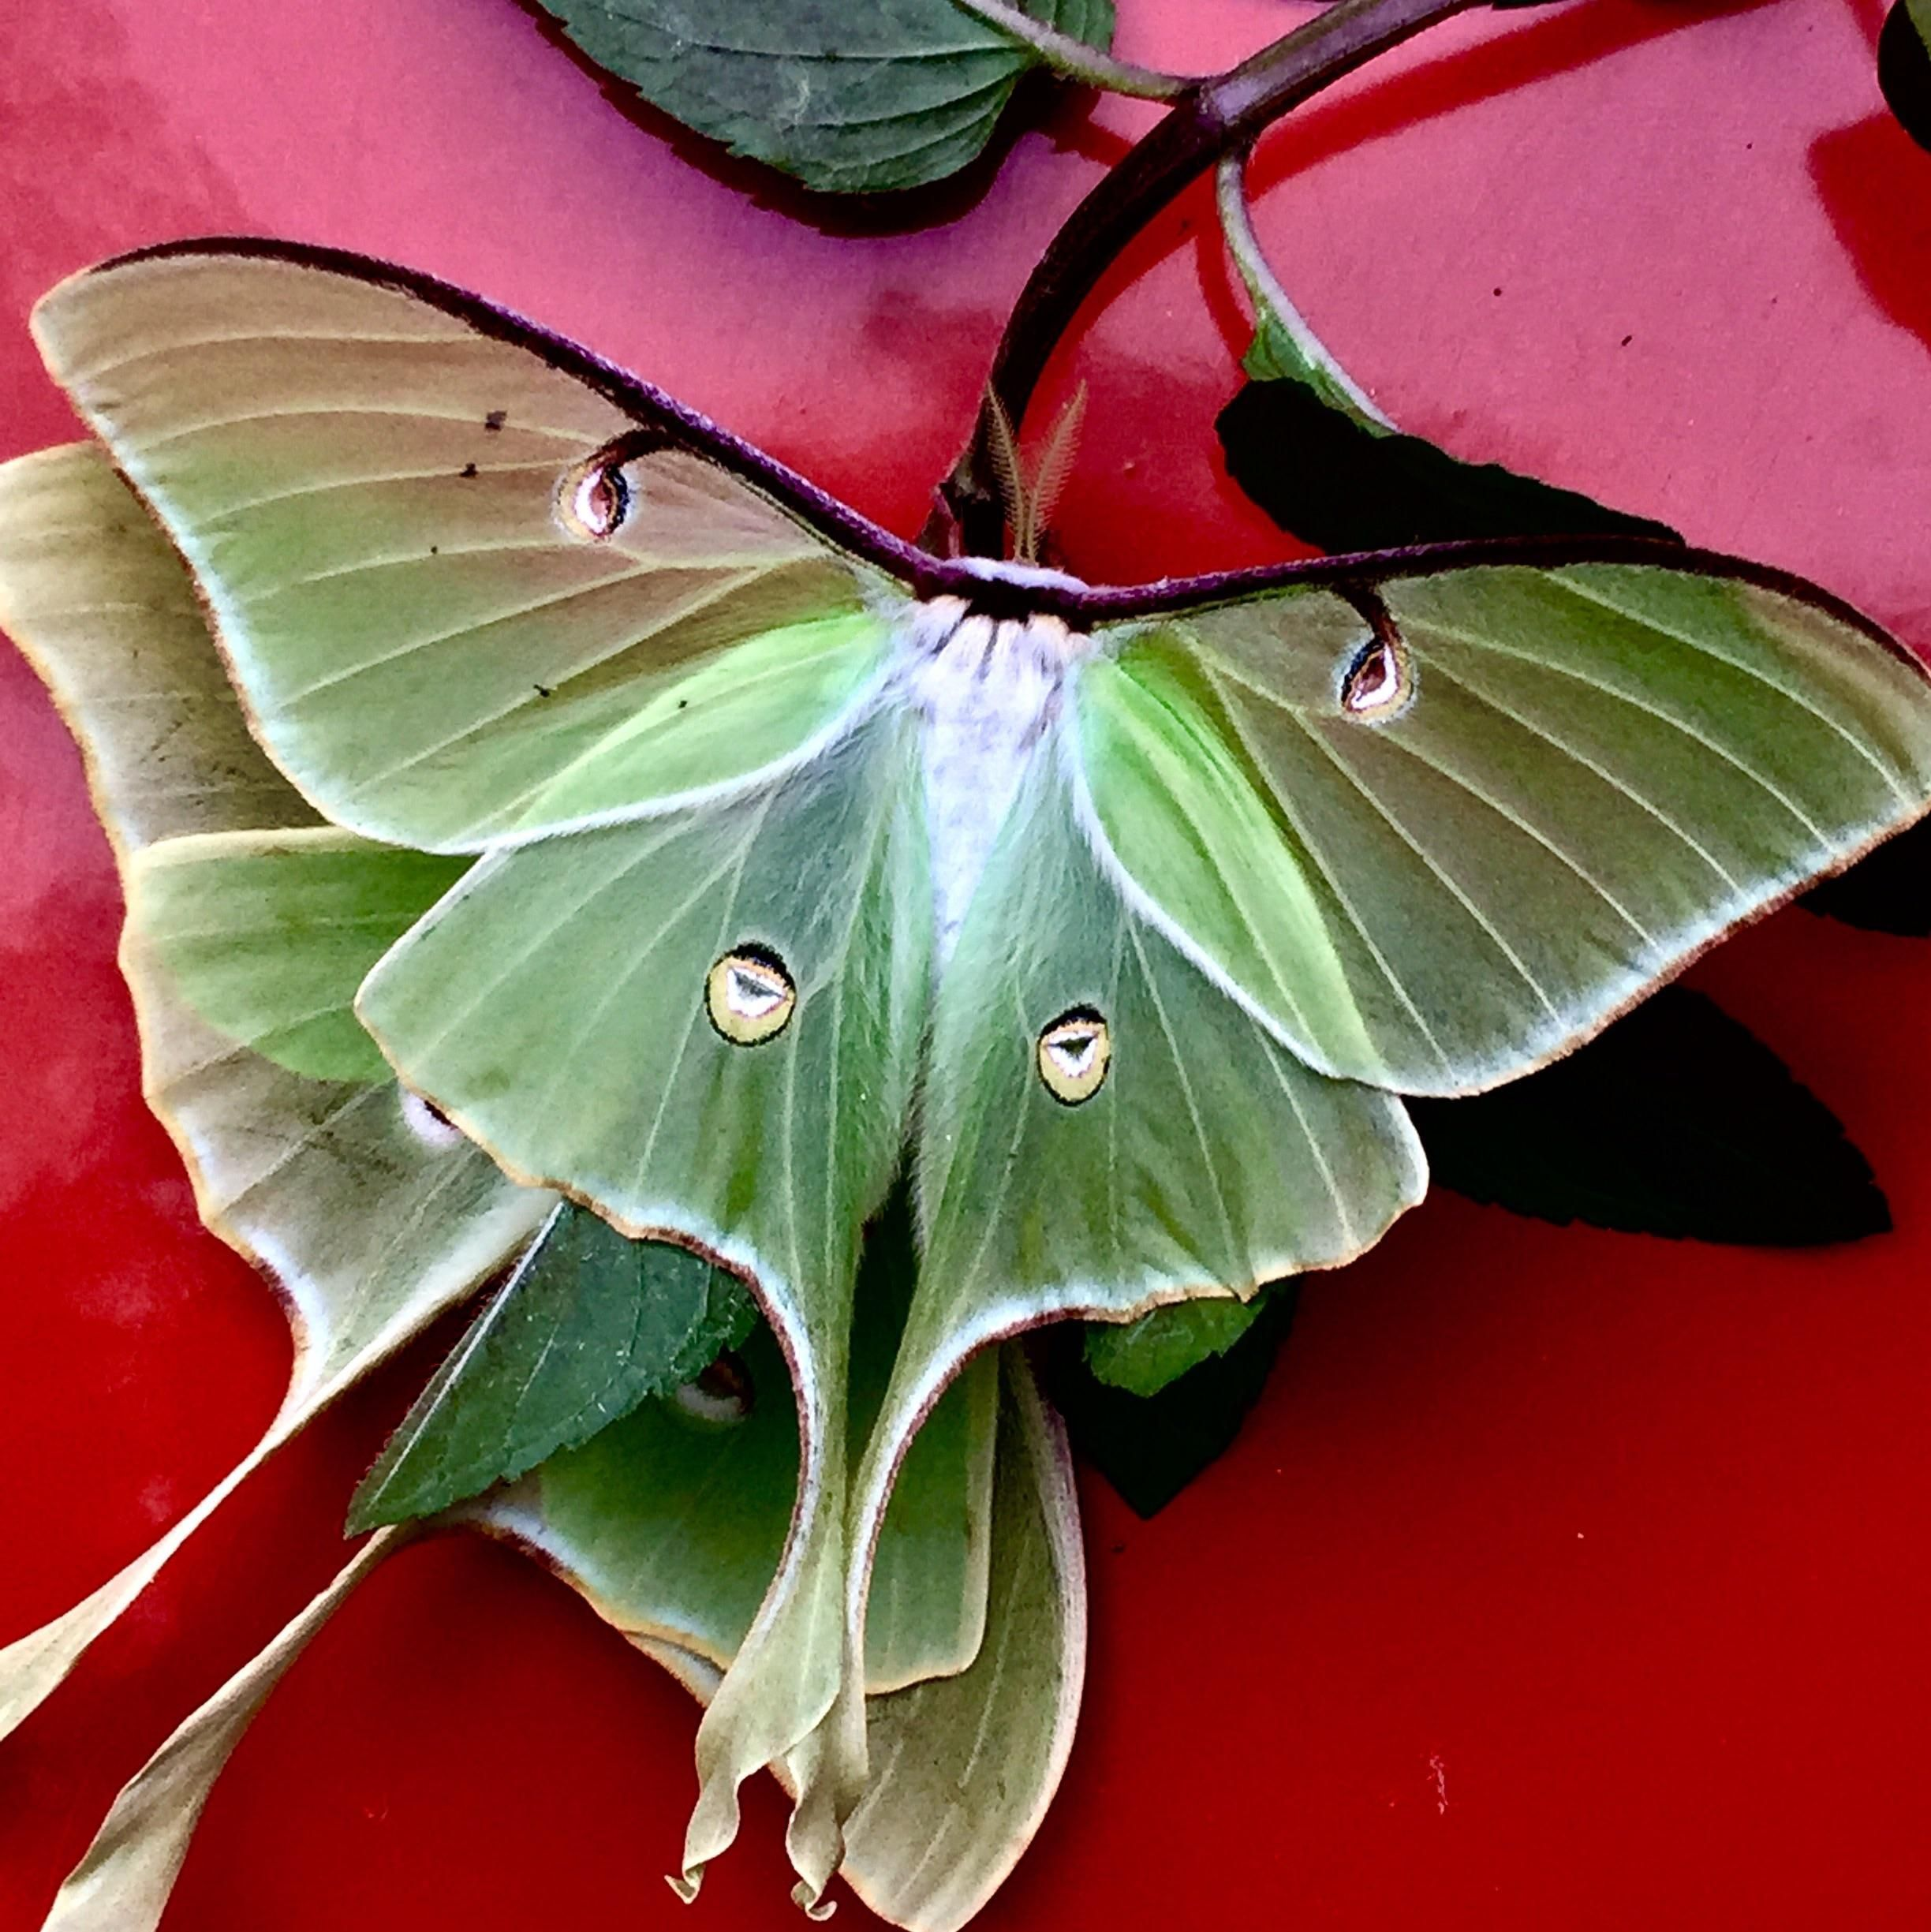 Pin By Pat On Butterflies Bugs Moths Snails Moth Luna Moth Tattoo Lunar Moth Tattoo